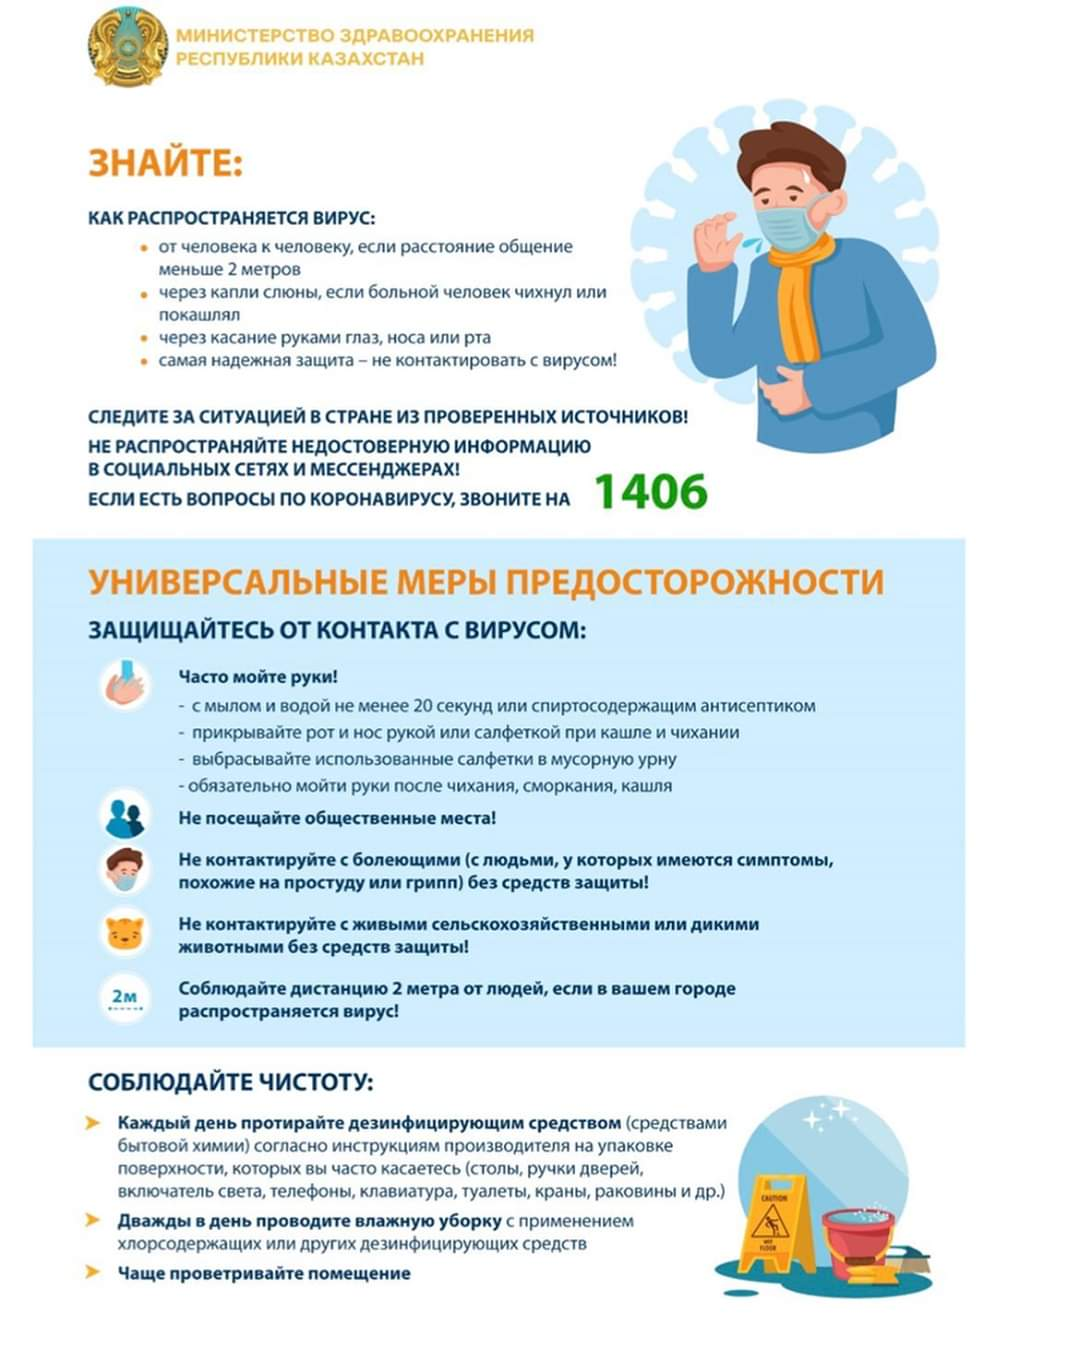 Рекомендации для населения по вопросам КОРОНАВИРУСНОЙ инфекции COVID-19